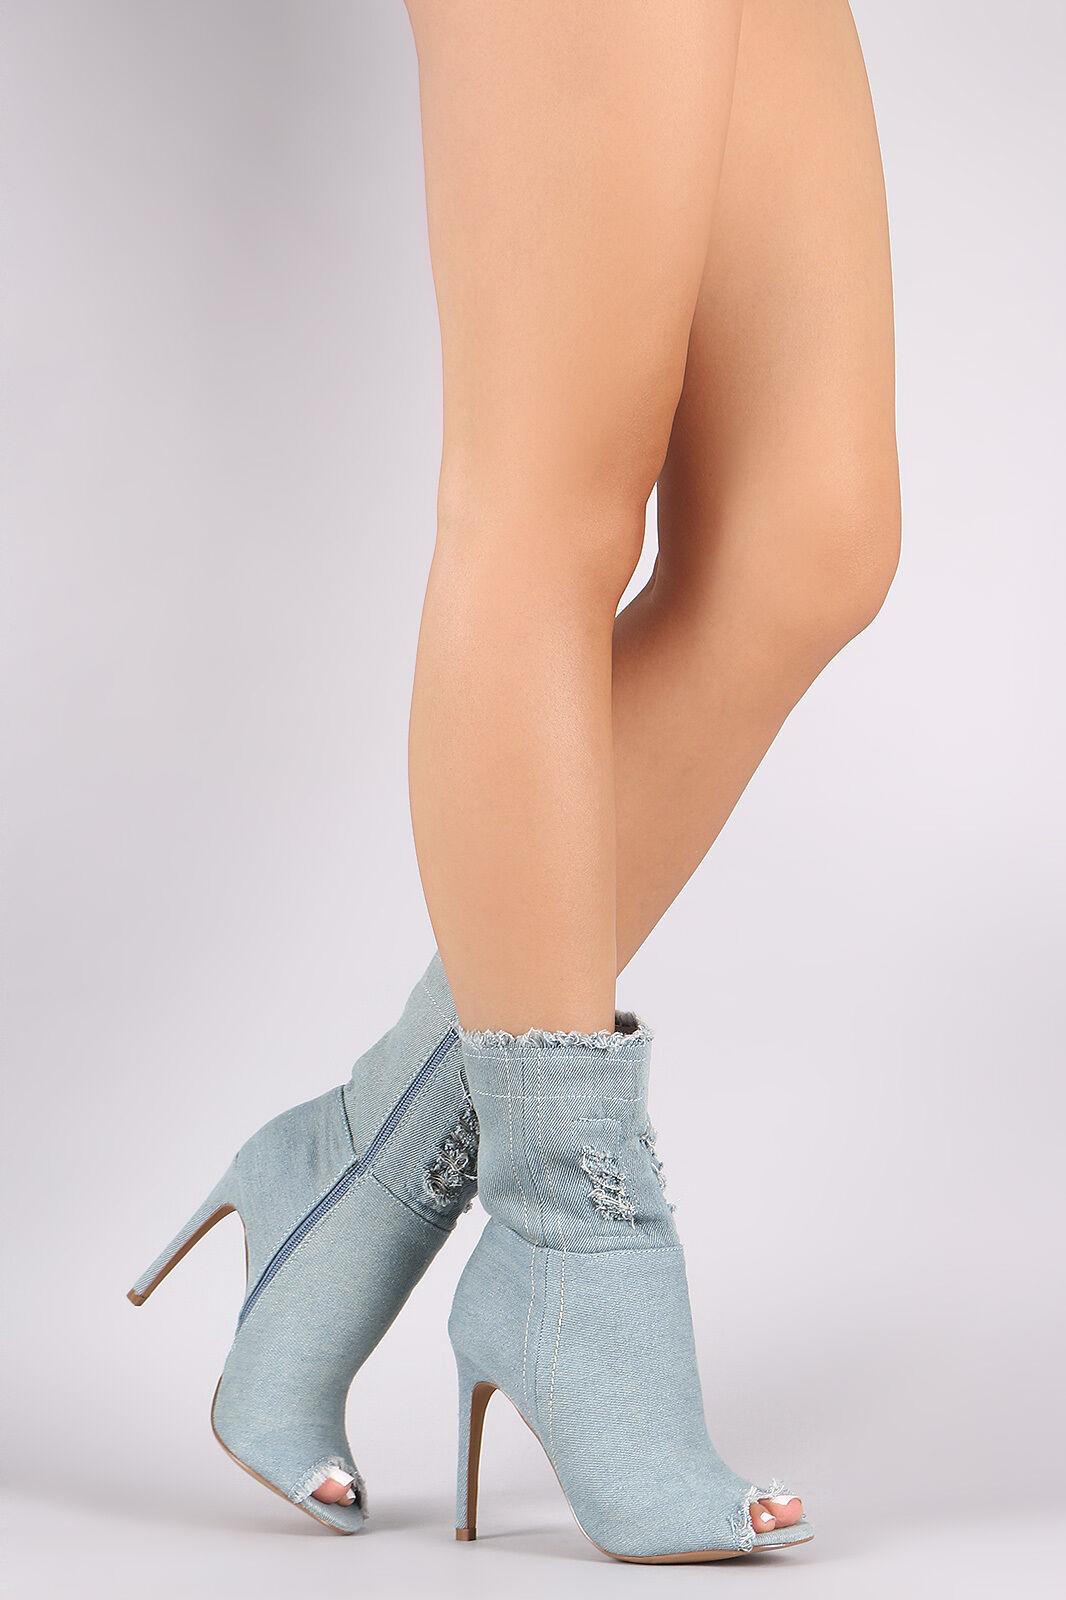 Tela vaquera envejecida Abierta Peep Toe Zapatos De Tacón Botines botas al tobillo-Azul claro-tamaño 5.5